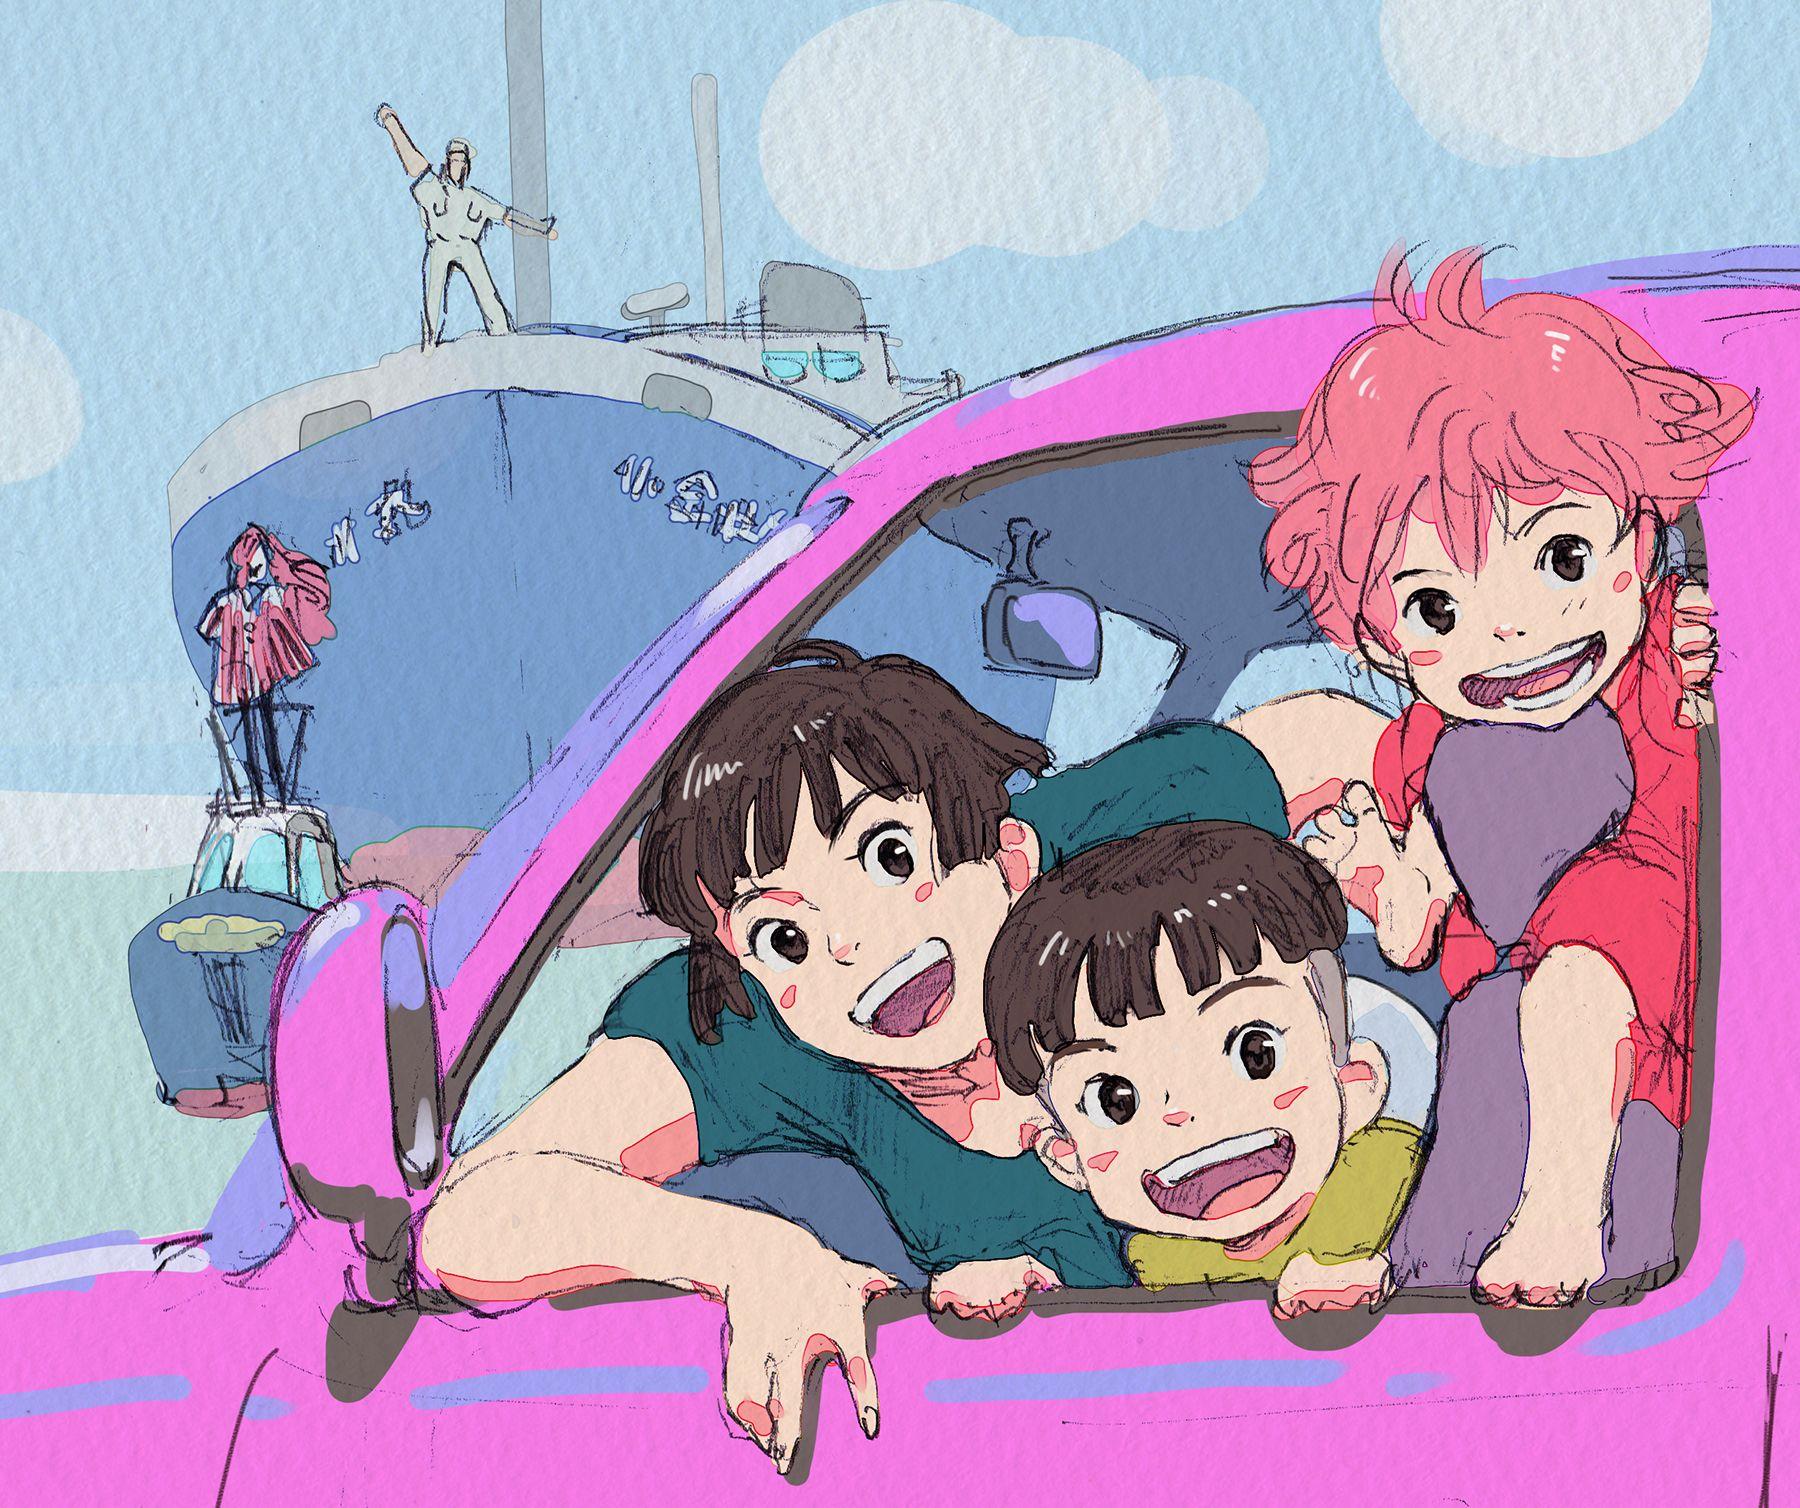 リサああ Tombiiwa Pixiv アニメ映画 ポニョ スタジオジブリ